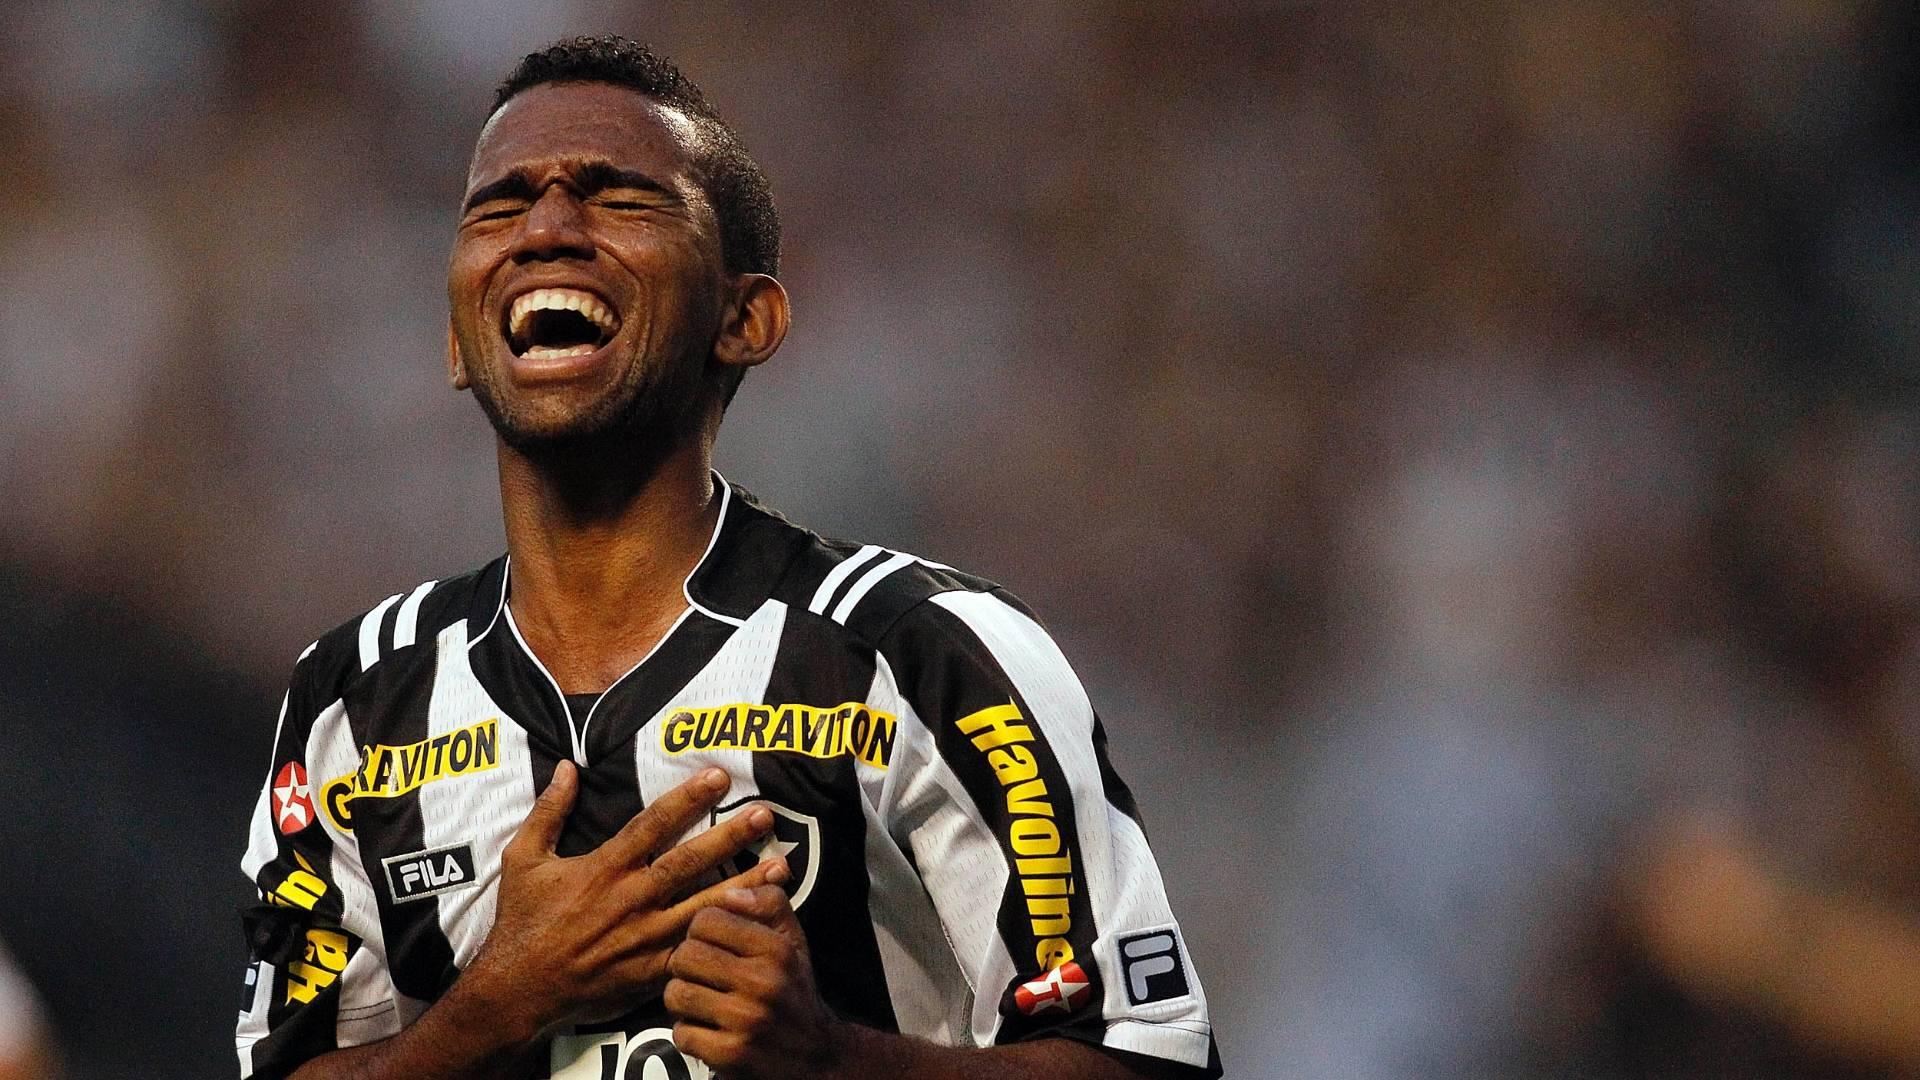 c1a3ad796d Botafogo desmente rumores de que meia Cidinho poderia ser emprestado para o  Ceará - 04 01 2012 - UOL Esporte